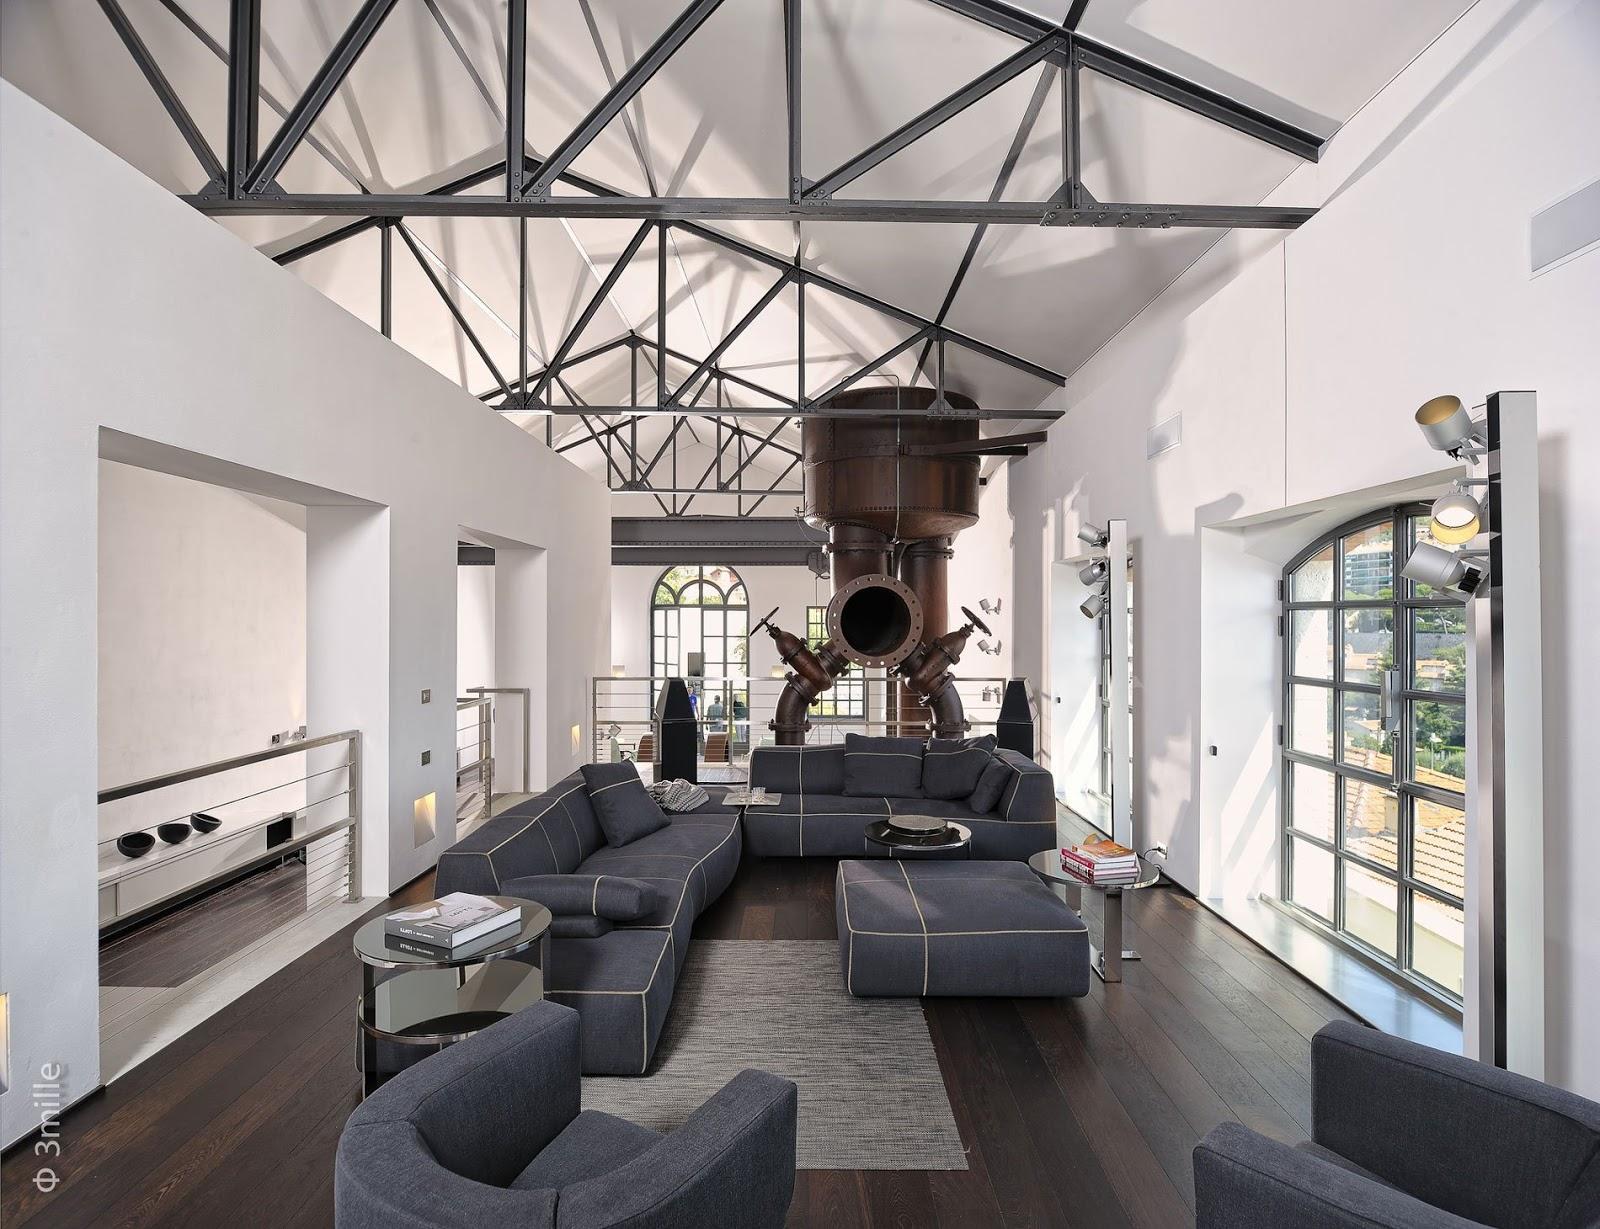 Entzuckend ... Wie Es Auch Zu Hause Wohl Fühlen Und Fühlen Gäste In Unserem Haus. Hier  Präsentieren Wir Referenz Inspiration Elegante Minimalist Wohnzimmer  Innenraum.